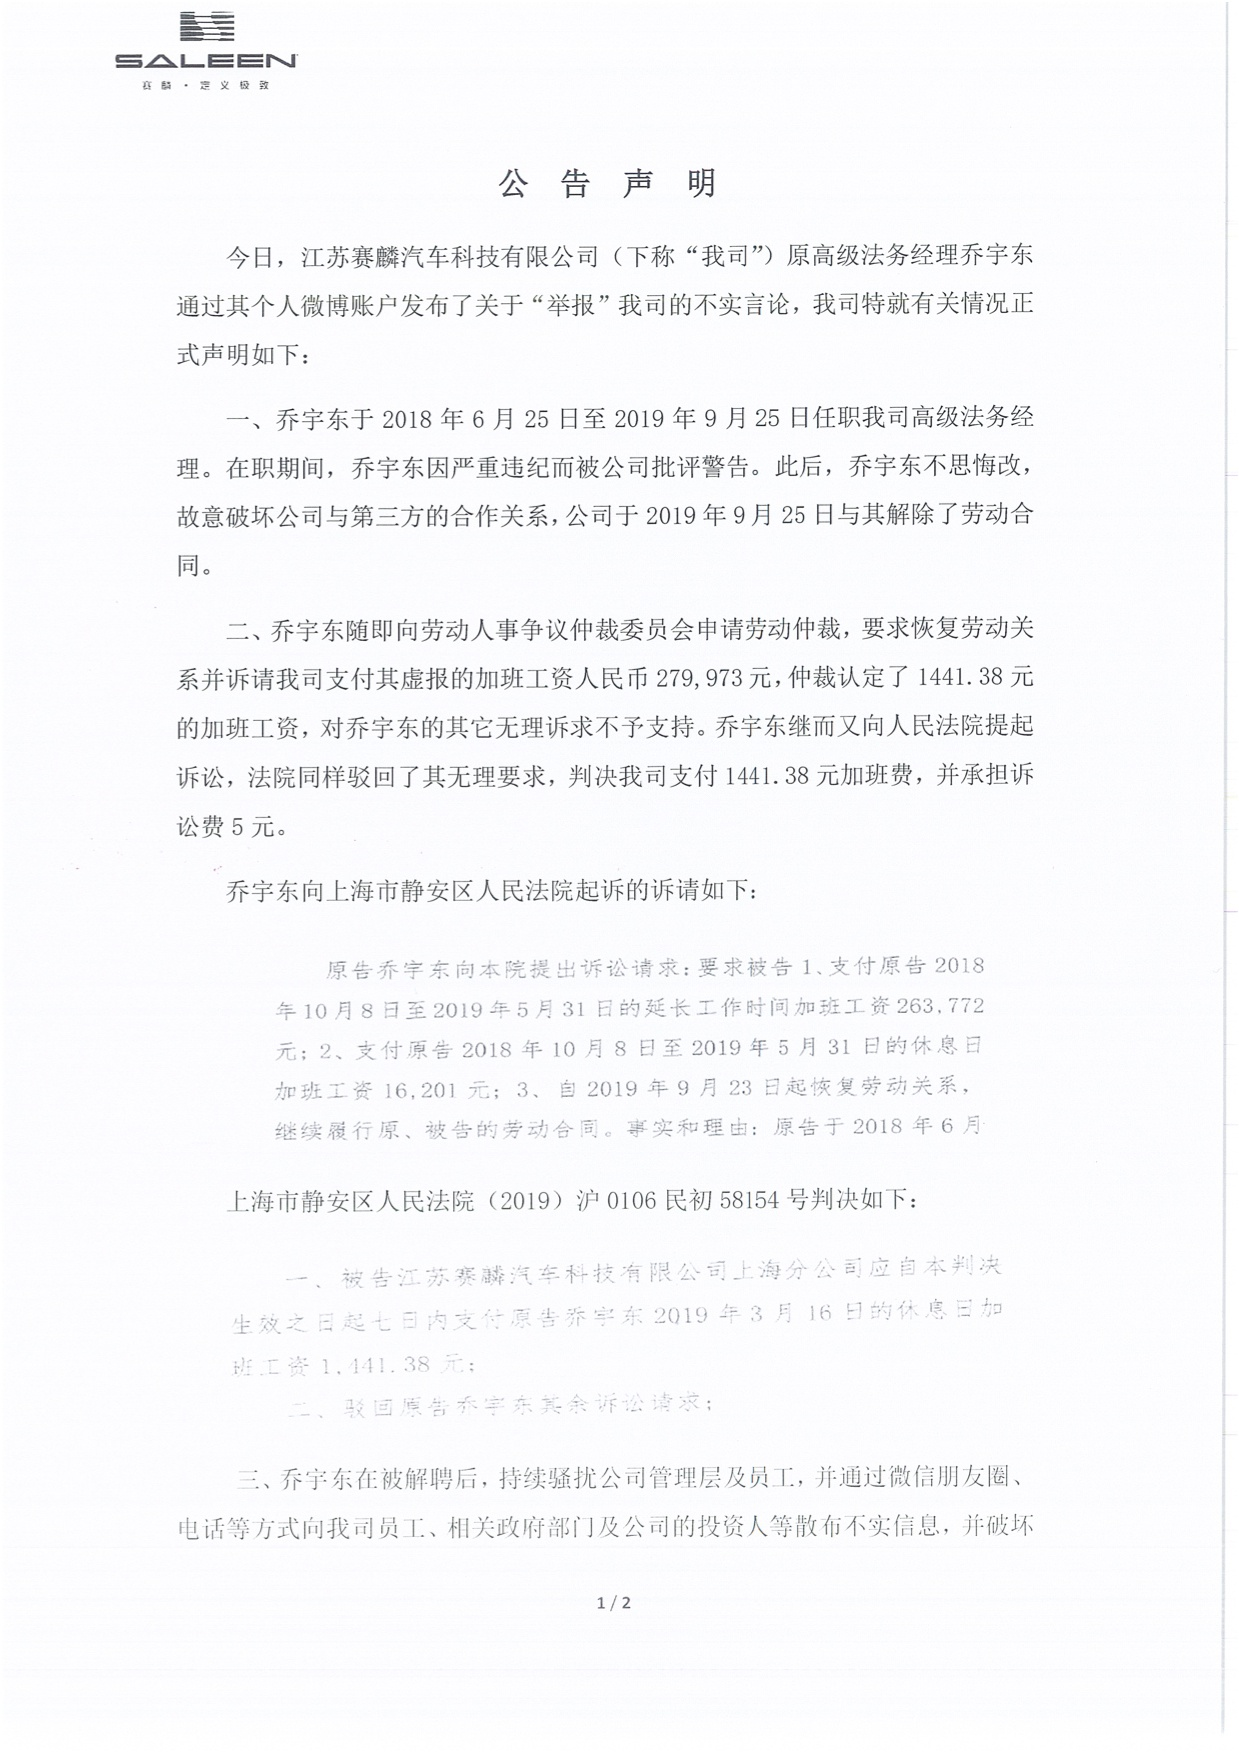 """赛麟汽车在公告中称威尼斯人官网,乔宇东于2018年6月25日至2019年9月25日任职江苏赛麟汽车科技有限公司高级法务经理威尼斯人官网,后因""""重要违纪""""和""""损坏公司与第三方配相符有关""""被江苏赛麟消弭做事相符同。"""